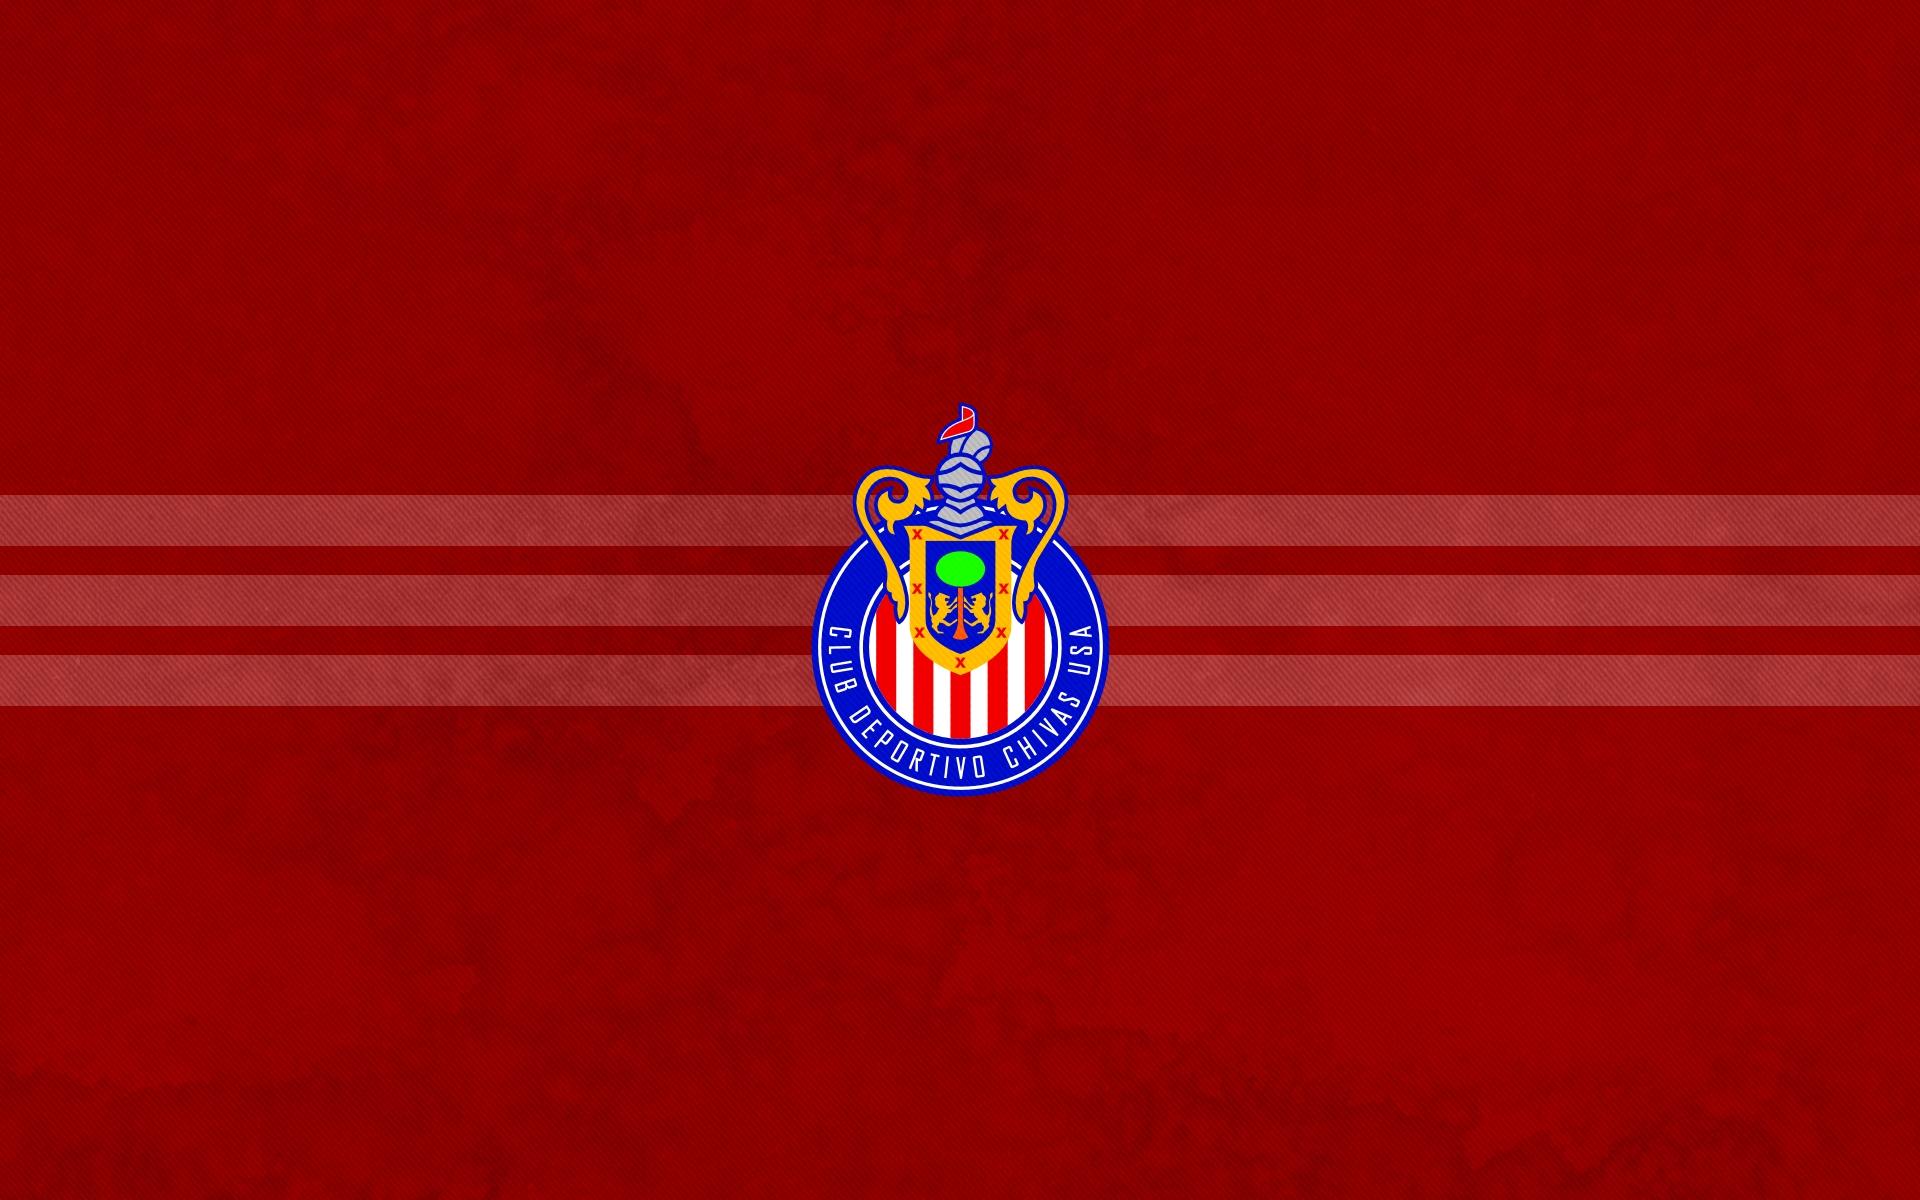 chivas usa football wallpaper